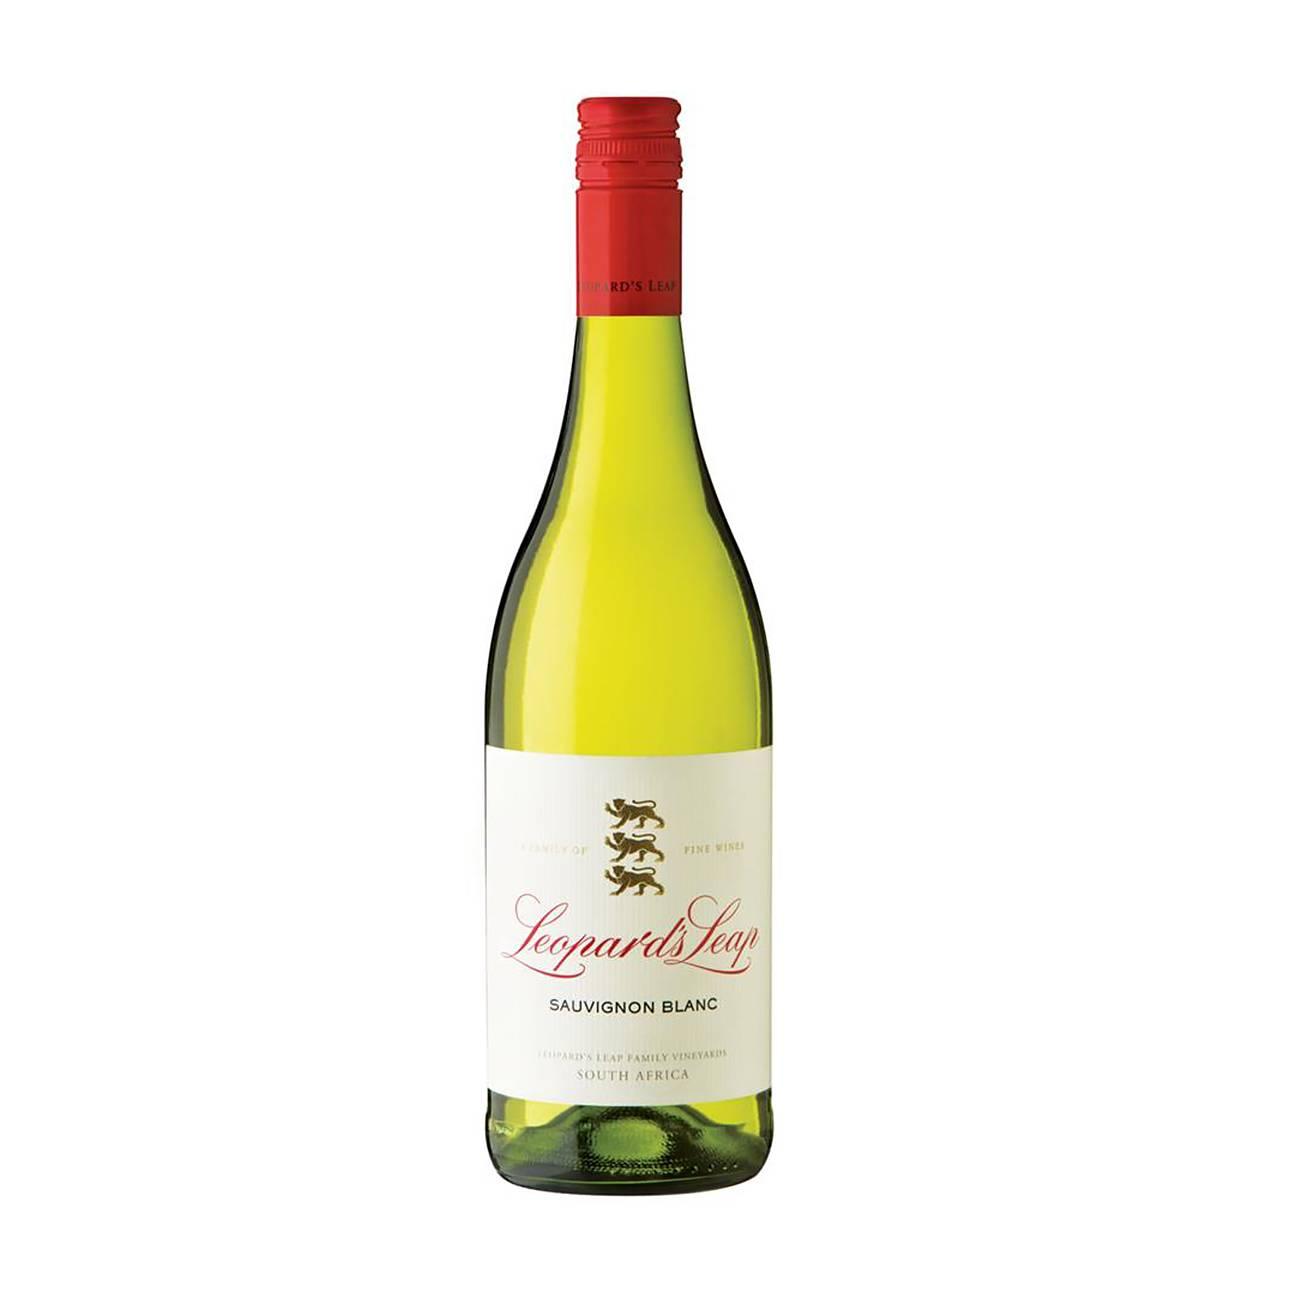 Sauvignon Blanc Lp/Li de la Leopard's Leap